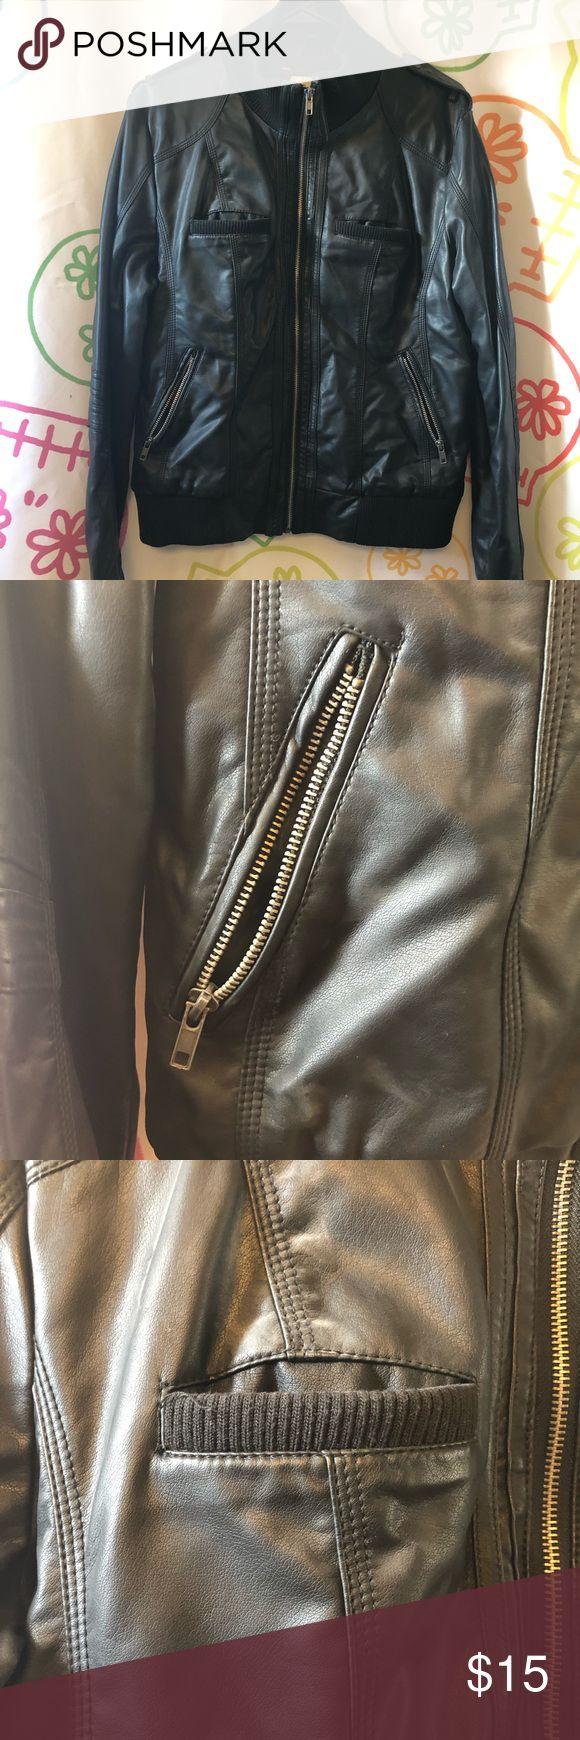 Xhilaration (Zielmarke) Kunstlederjacke Diese Jacke im Motorradstil wurde …  – My Posh Picks